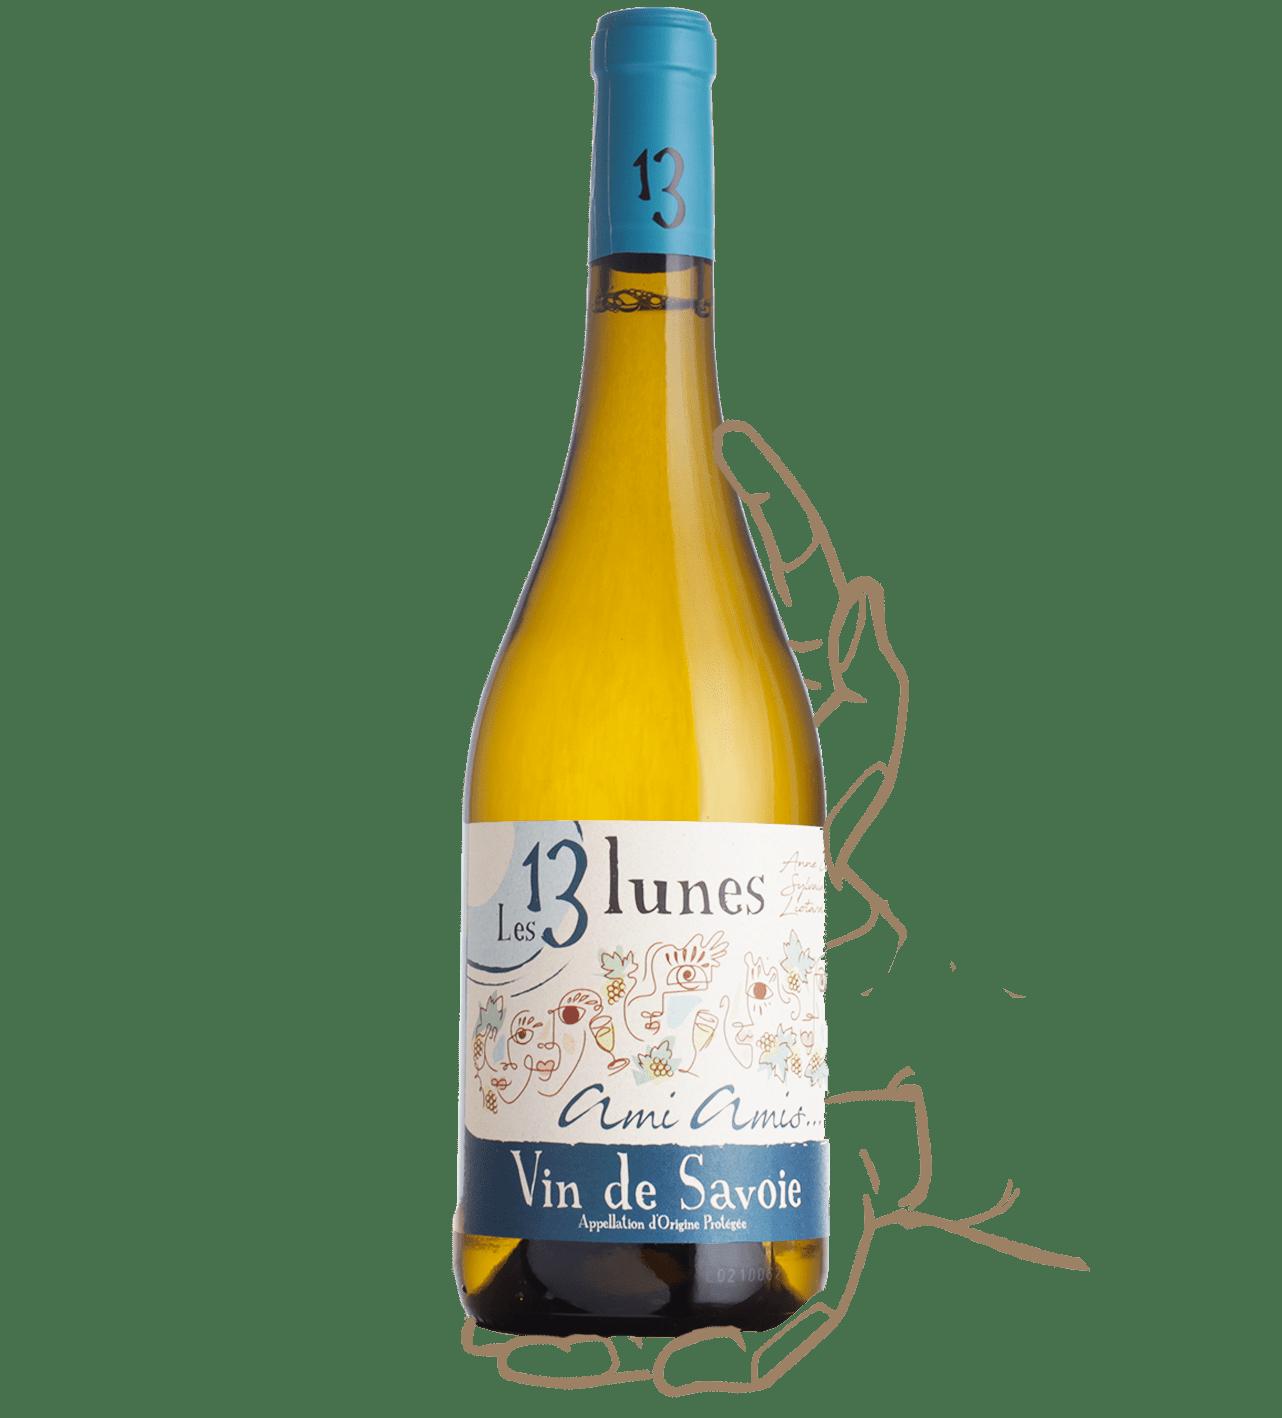 Ami amis est un vin naturel de savoie du domaine des 13 lunes